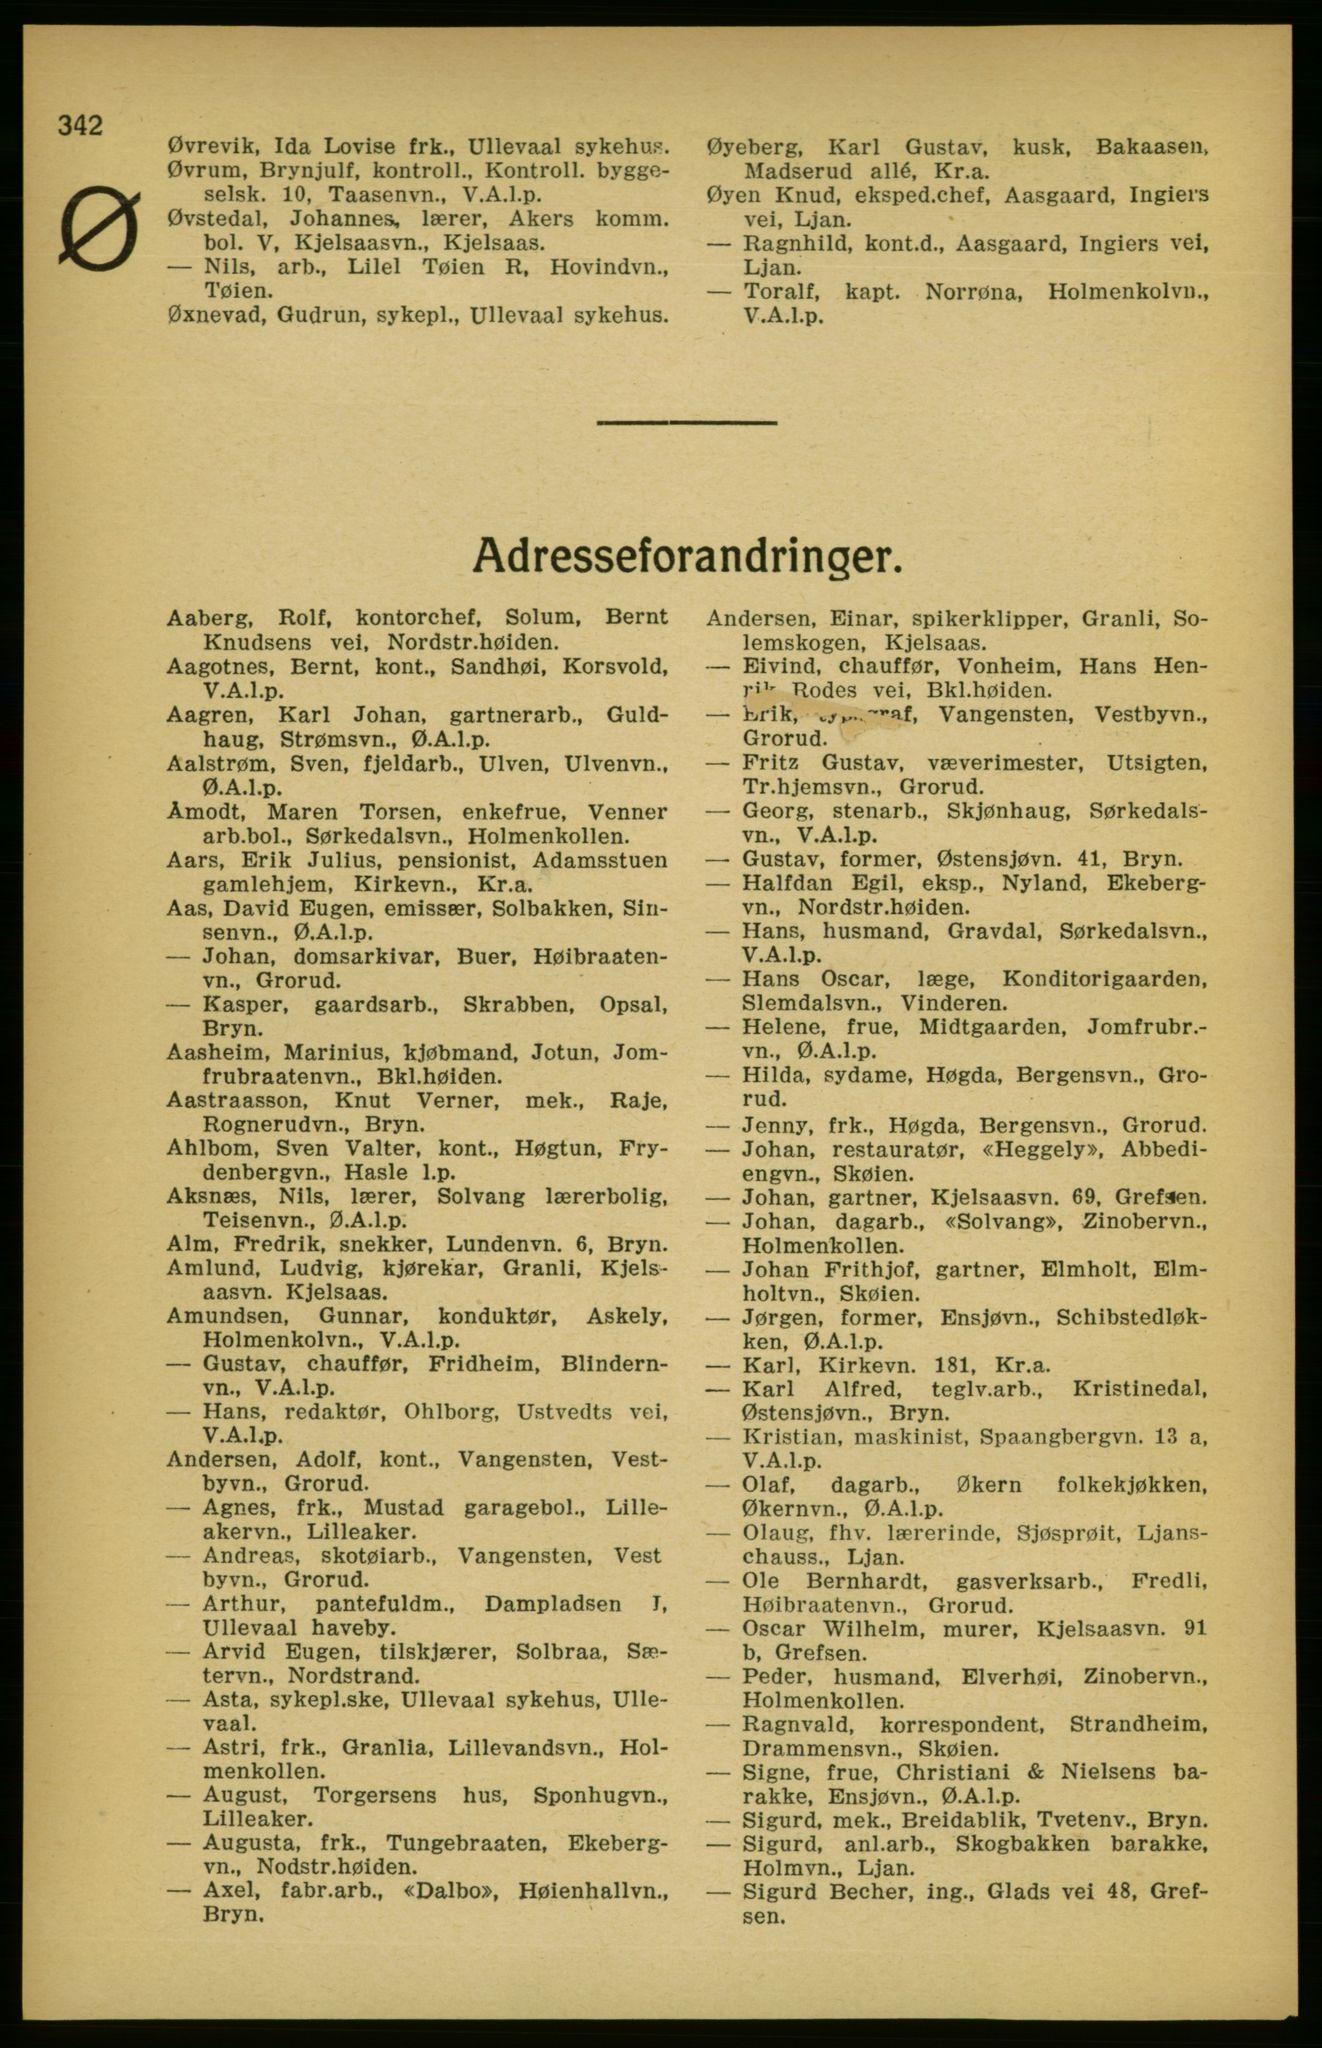 PUBL, Aker adressebok/adressekalender, 1924-1925, s. 342